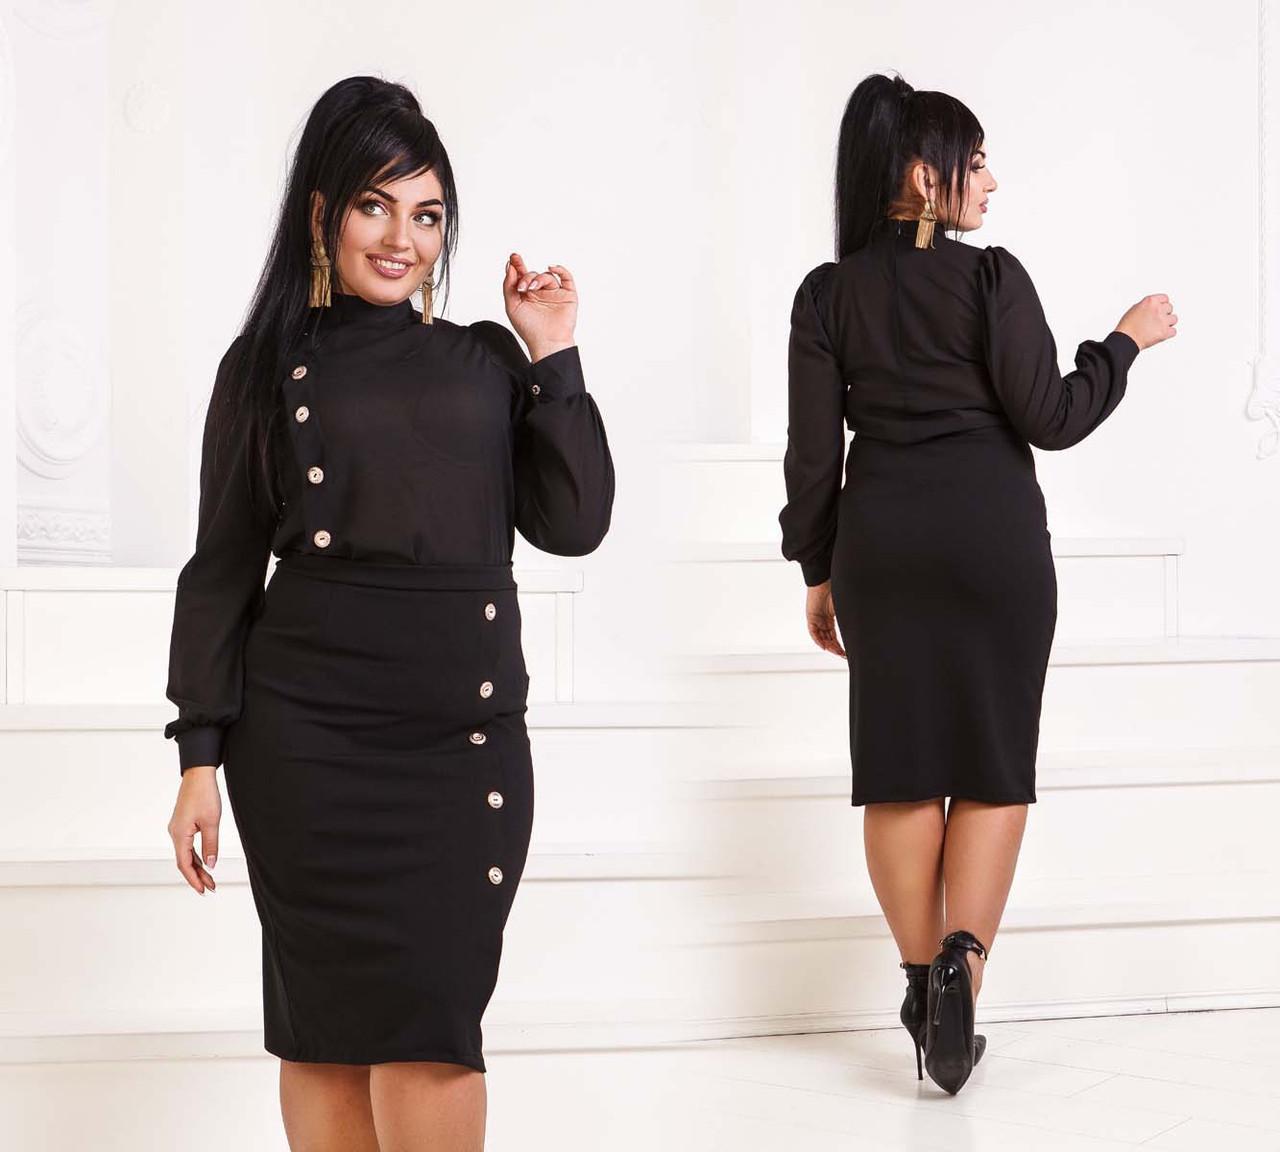 """Элегантный женский костюм с юбкой в больших размерах """"Дубаи Шифон Пуговицы Контраст"""" в расцветках (DG-ак 0235)"""